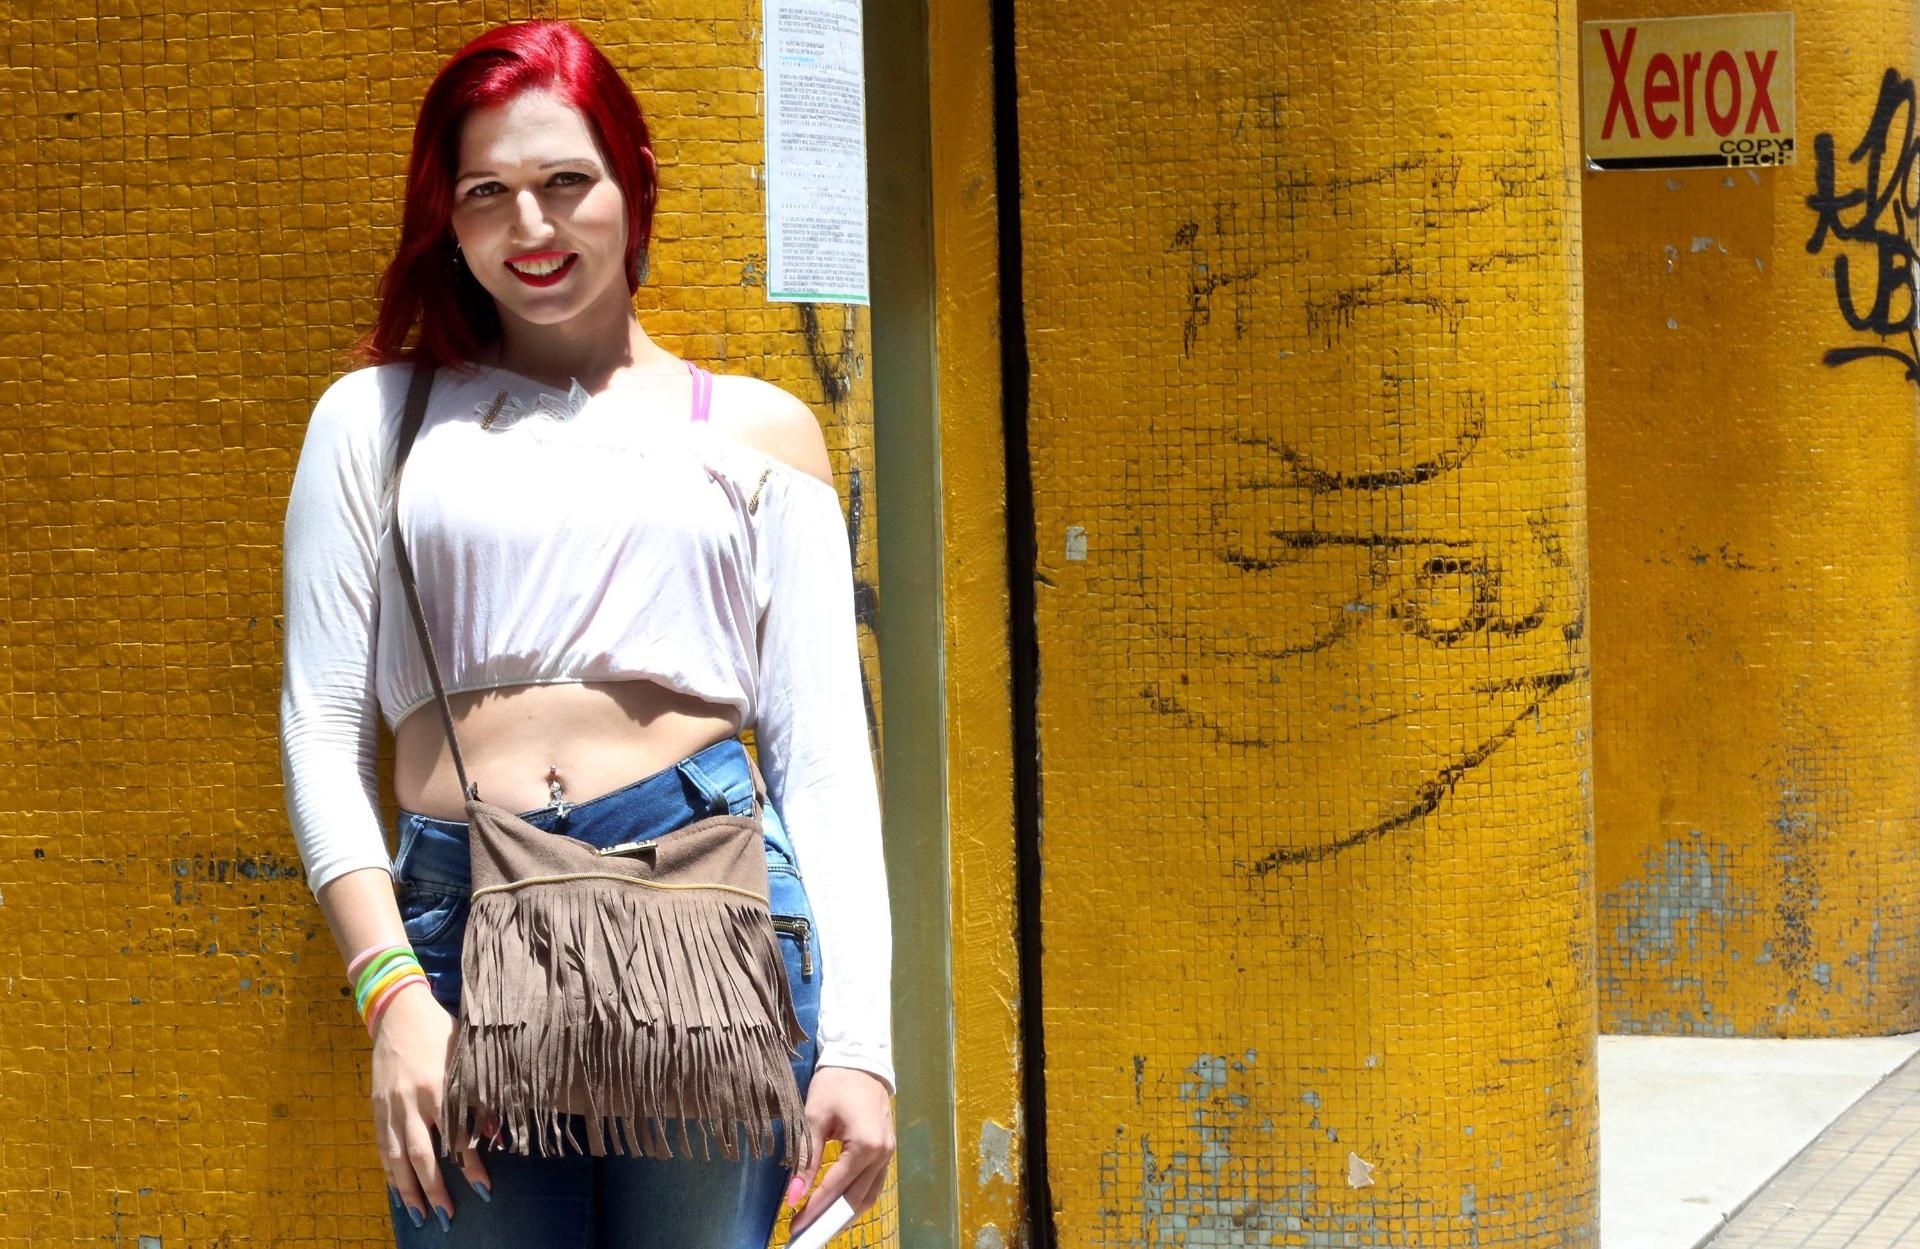 9.dez.2016 - A trans Ashley Any Gonçalves, 25, participou de ação judicial conjunta para retificar o nome no registro civil, na Defensoria Pública do Estado de São Paulo, na capital paulista. Ela já entregou os documentos